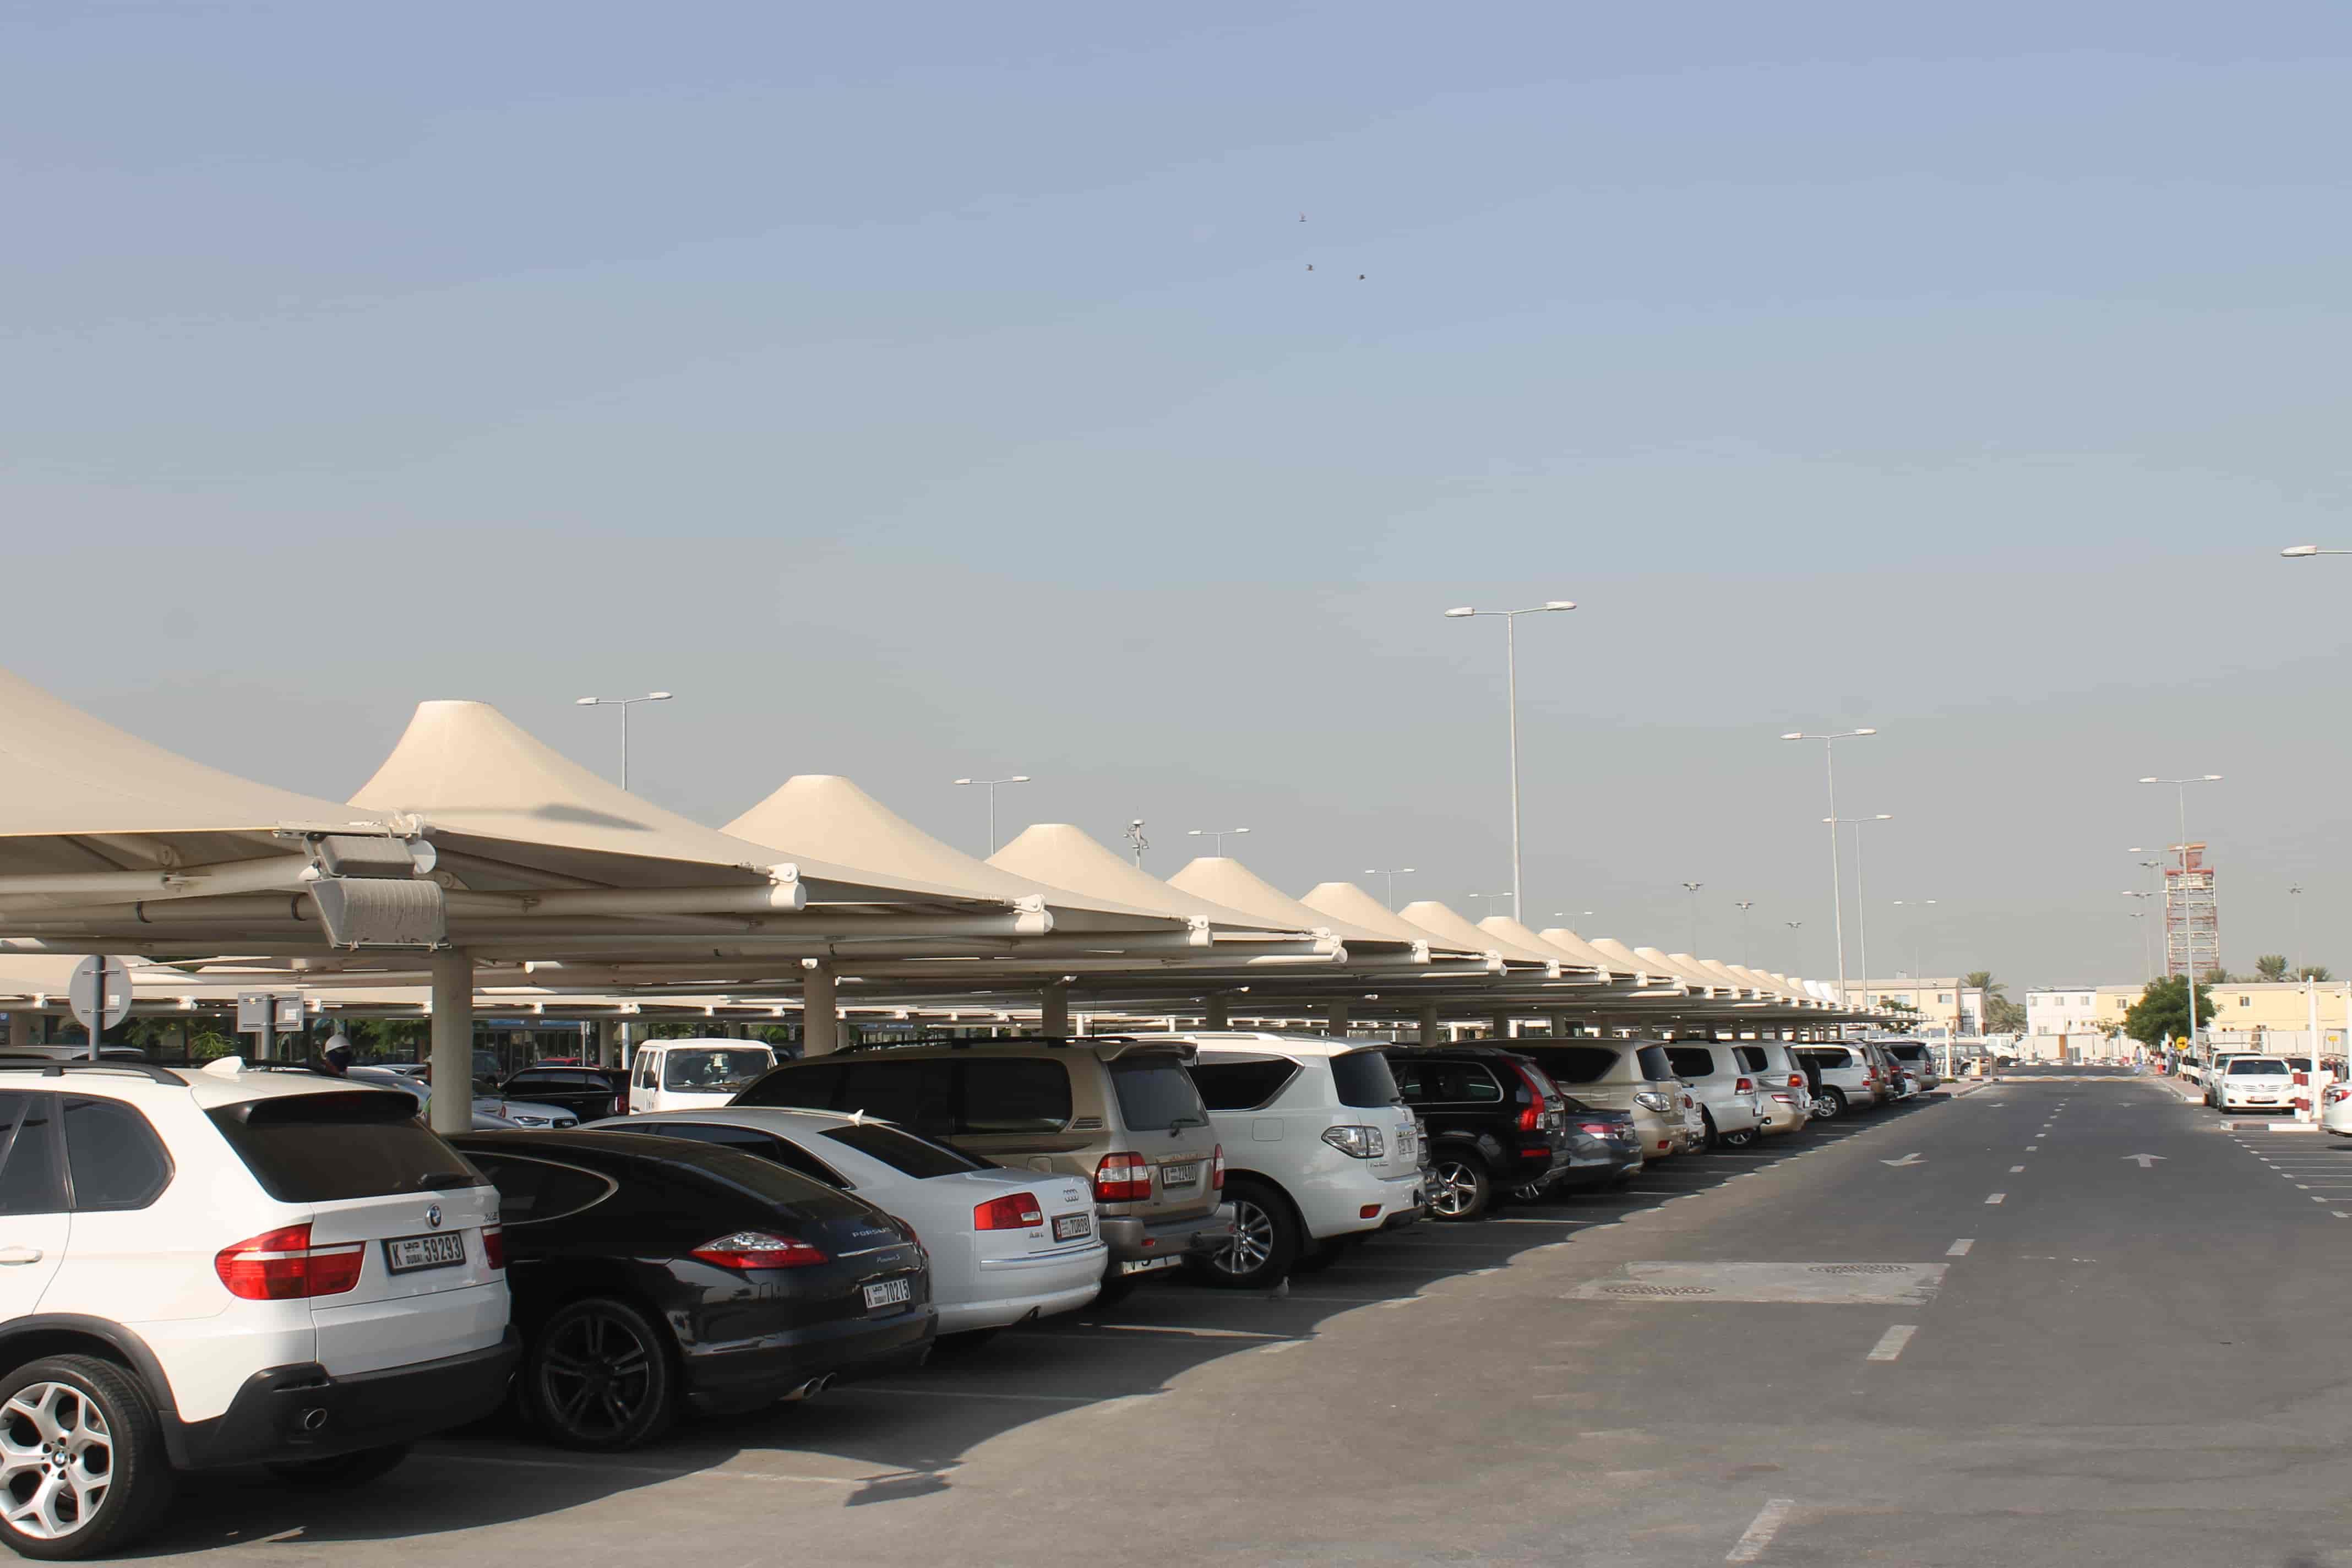 airport car park expansion